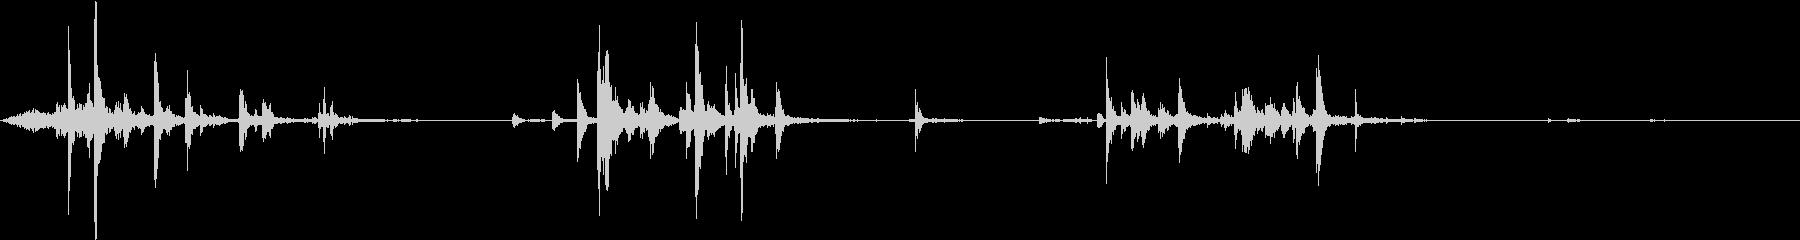 【生録音】ハンガーの音 3 探すの未再生の波形